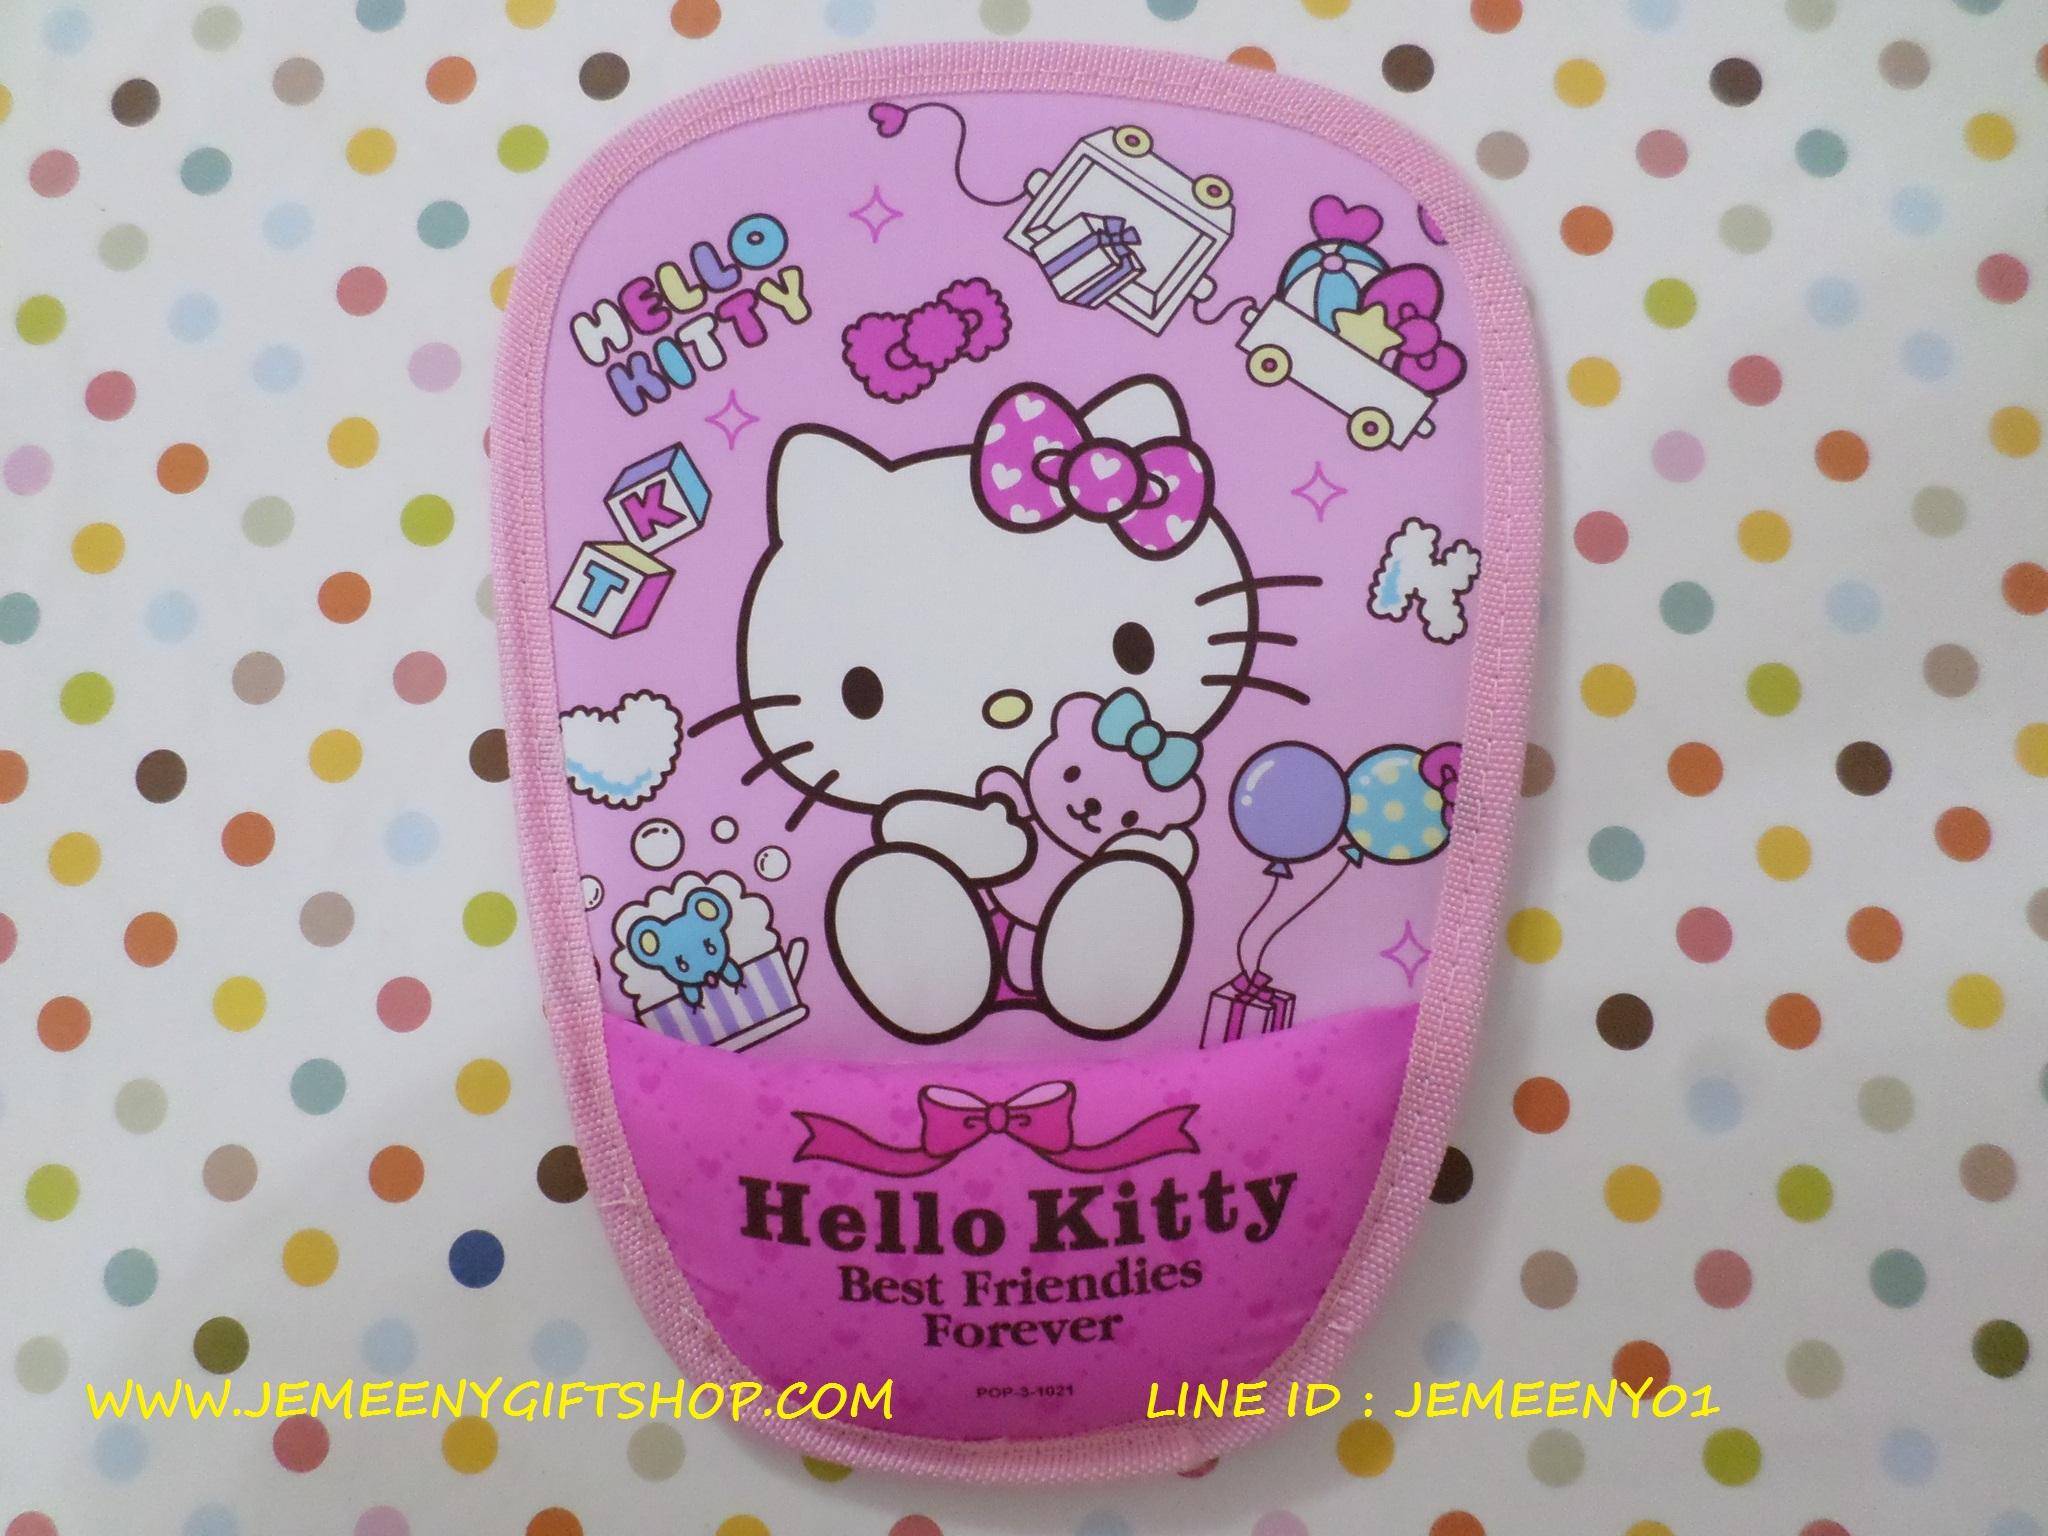 แผ่นรองเม้าส์และข้อมือ ฮัลโหลคิตตี้ Hello Kitty ลายคิตตี้โบว์ชมพู สีชมพู